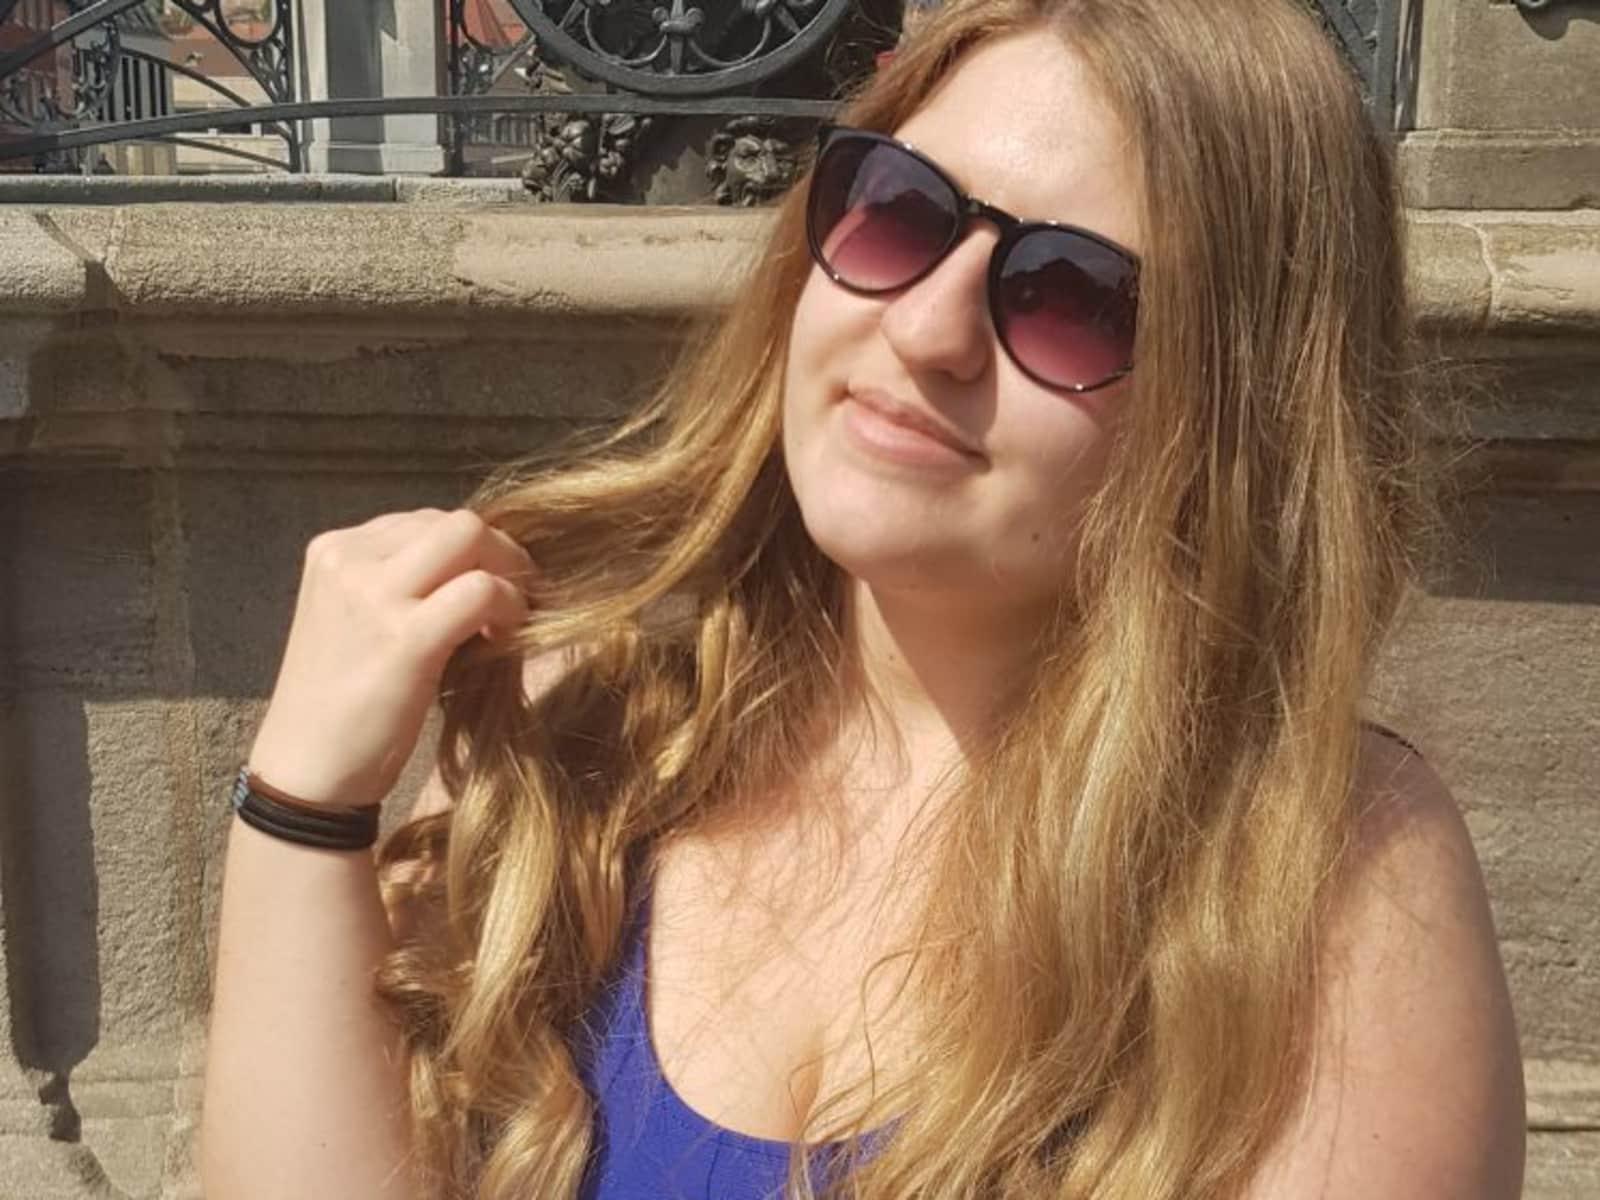 Anna-lena from Regensburg, Germany